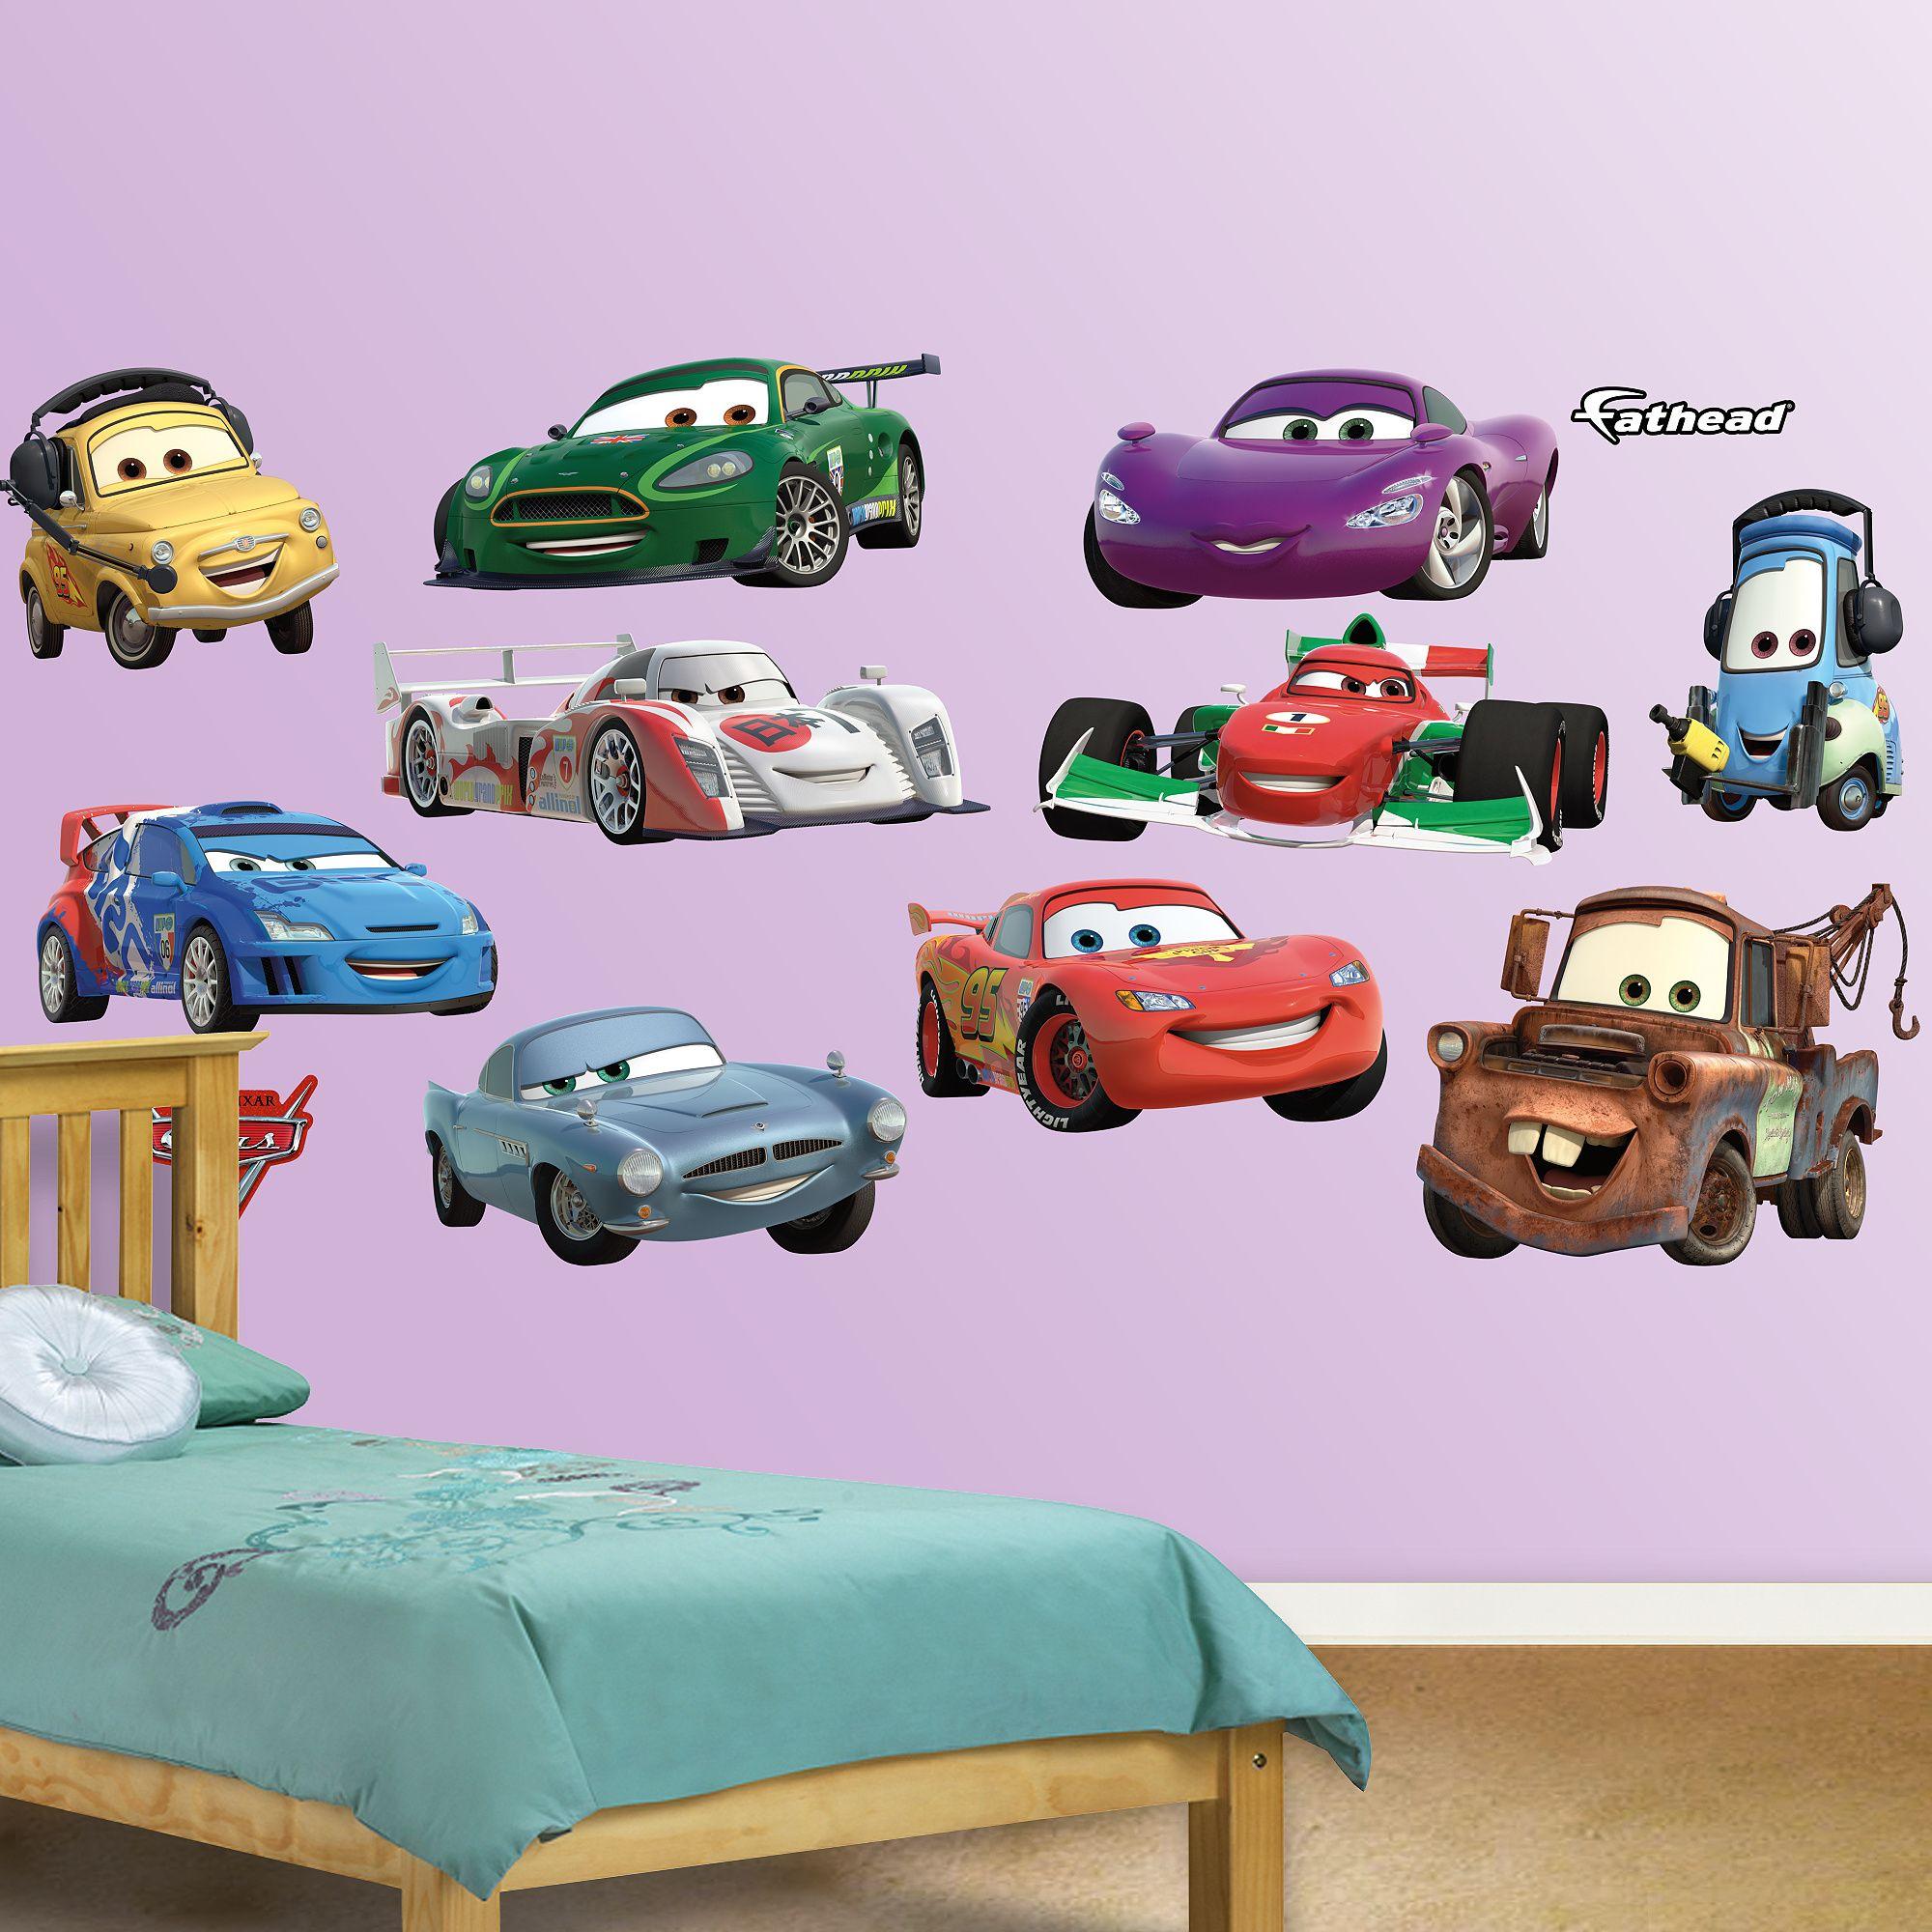 Disney Pixar Cars 2 Collection Disney Car Decals Disney Cars Disney Pixar Cars [ 2000 x 2000 Pixel ]